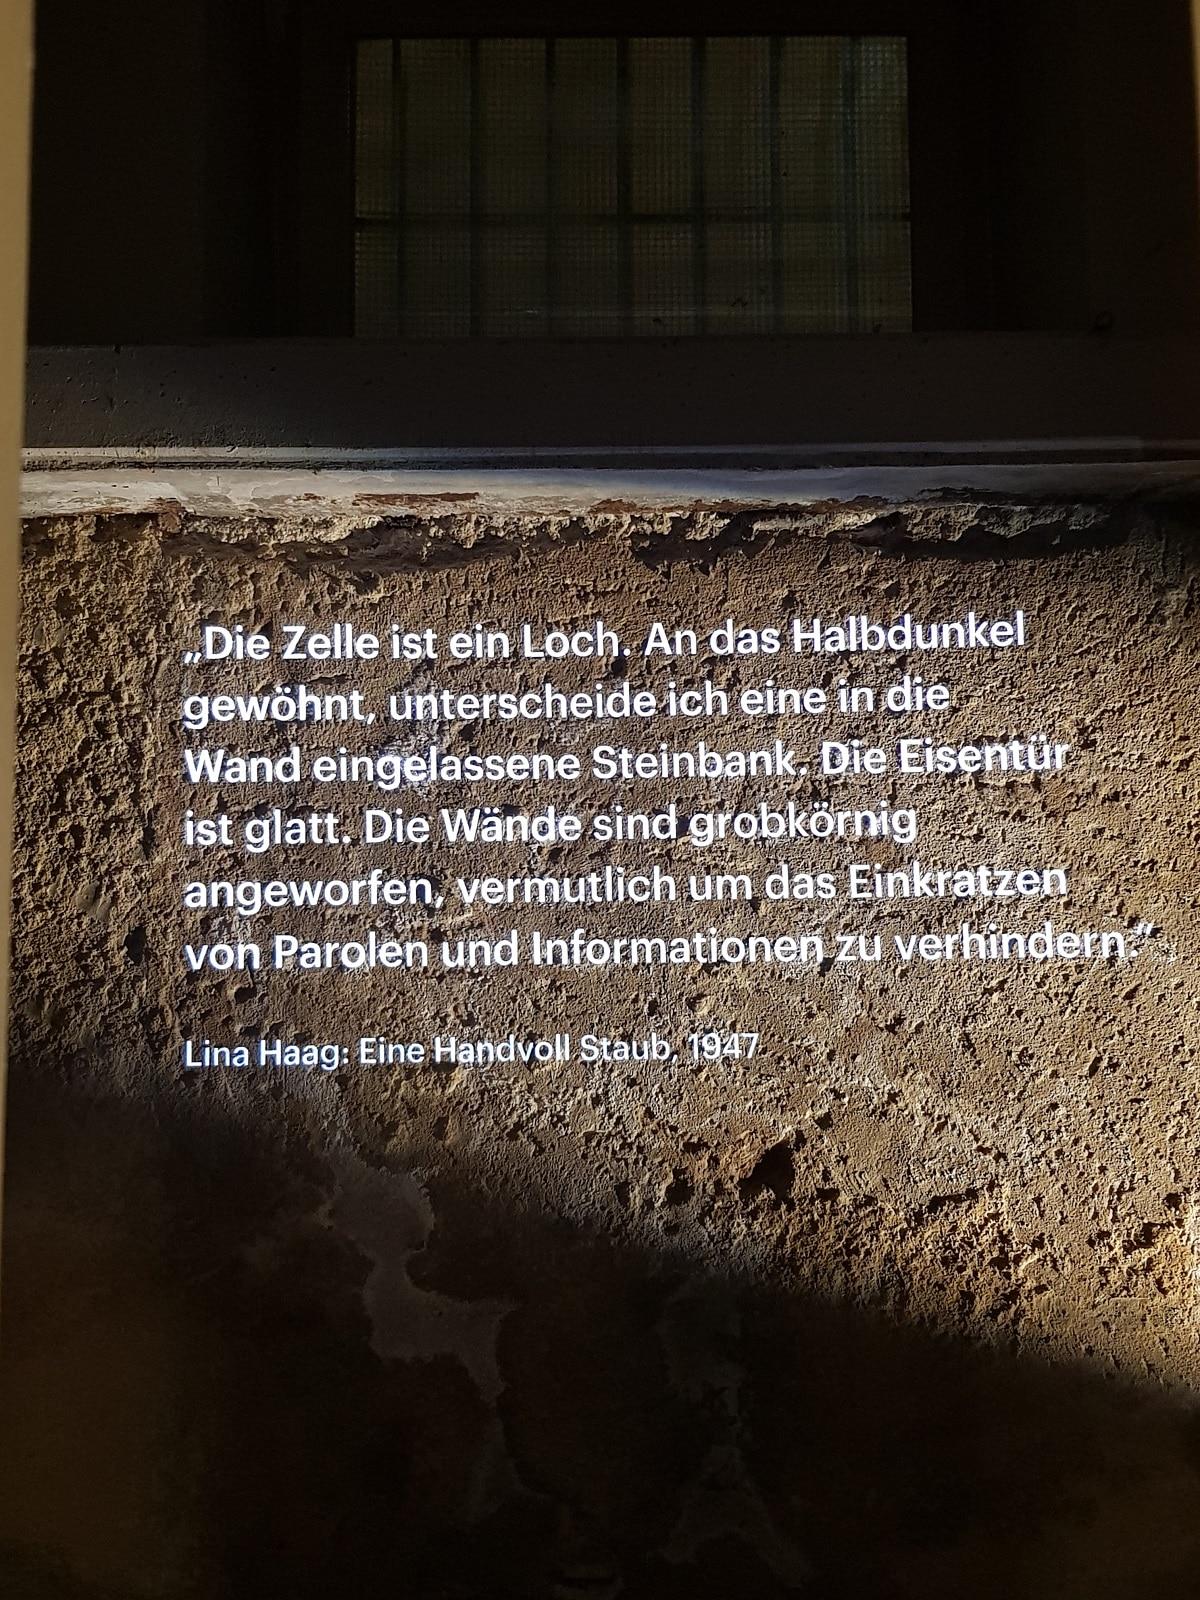 Zeitfenster zur alten Kellerwand mit Lina Haags Beschreibung